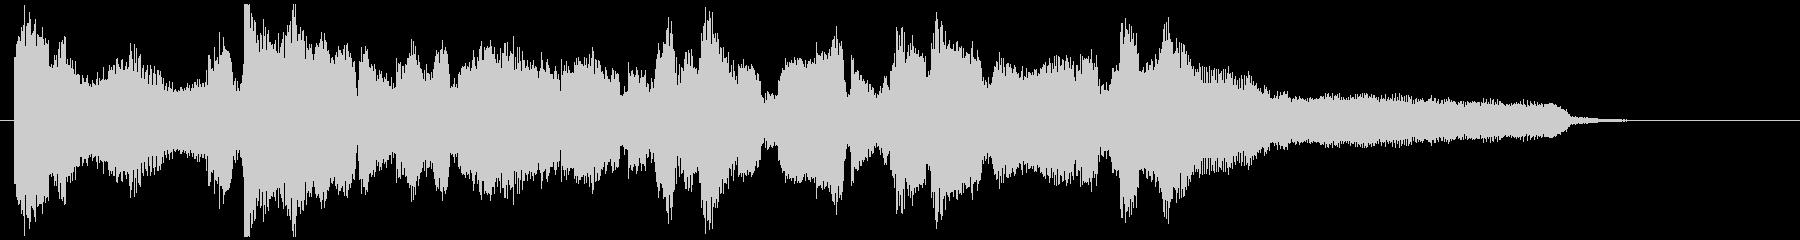 ジャズフルートの美しいバラード15秒CMの未再生の波形